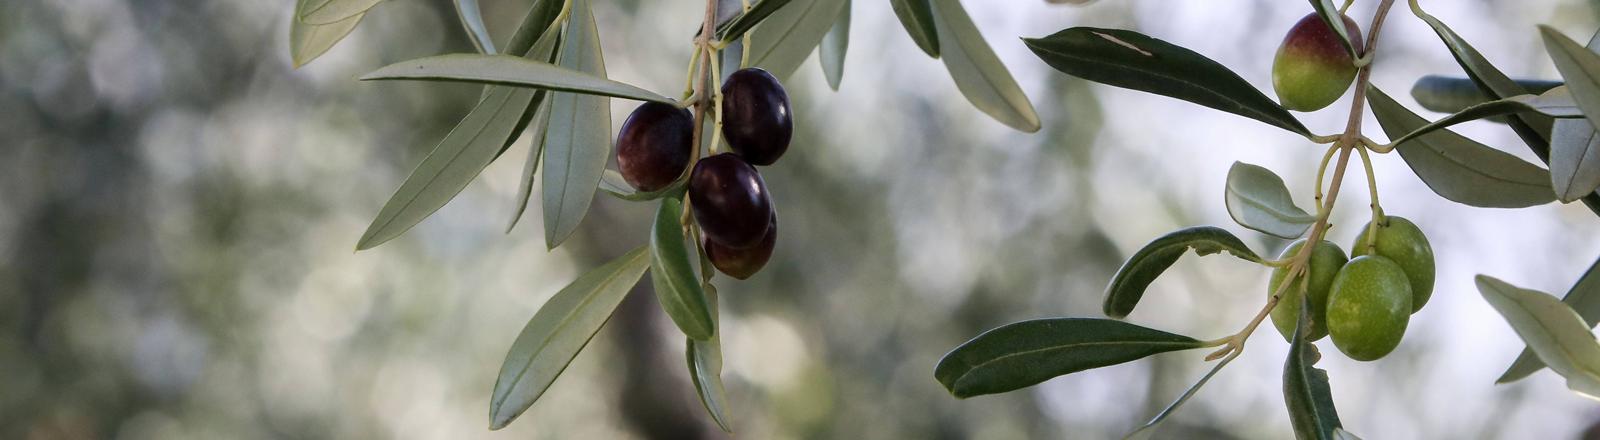 Nahaufnahme von Oliven am Baum